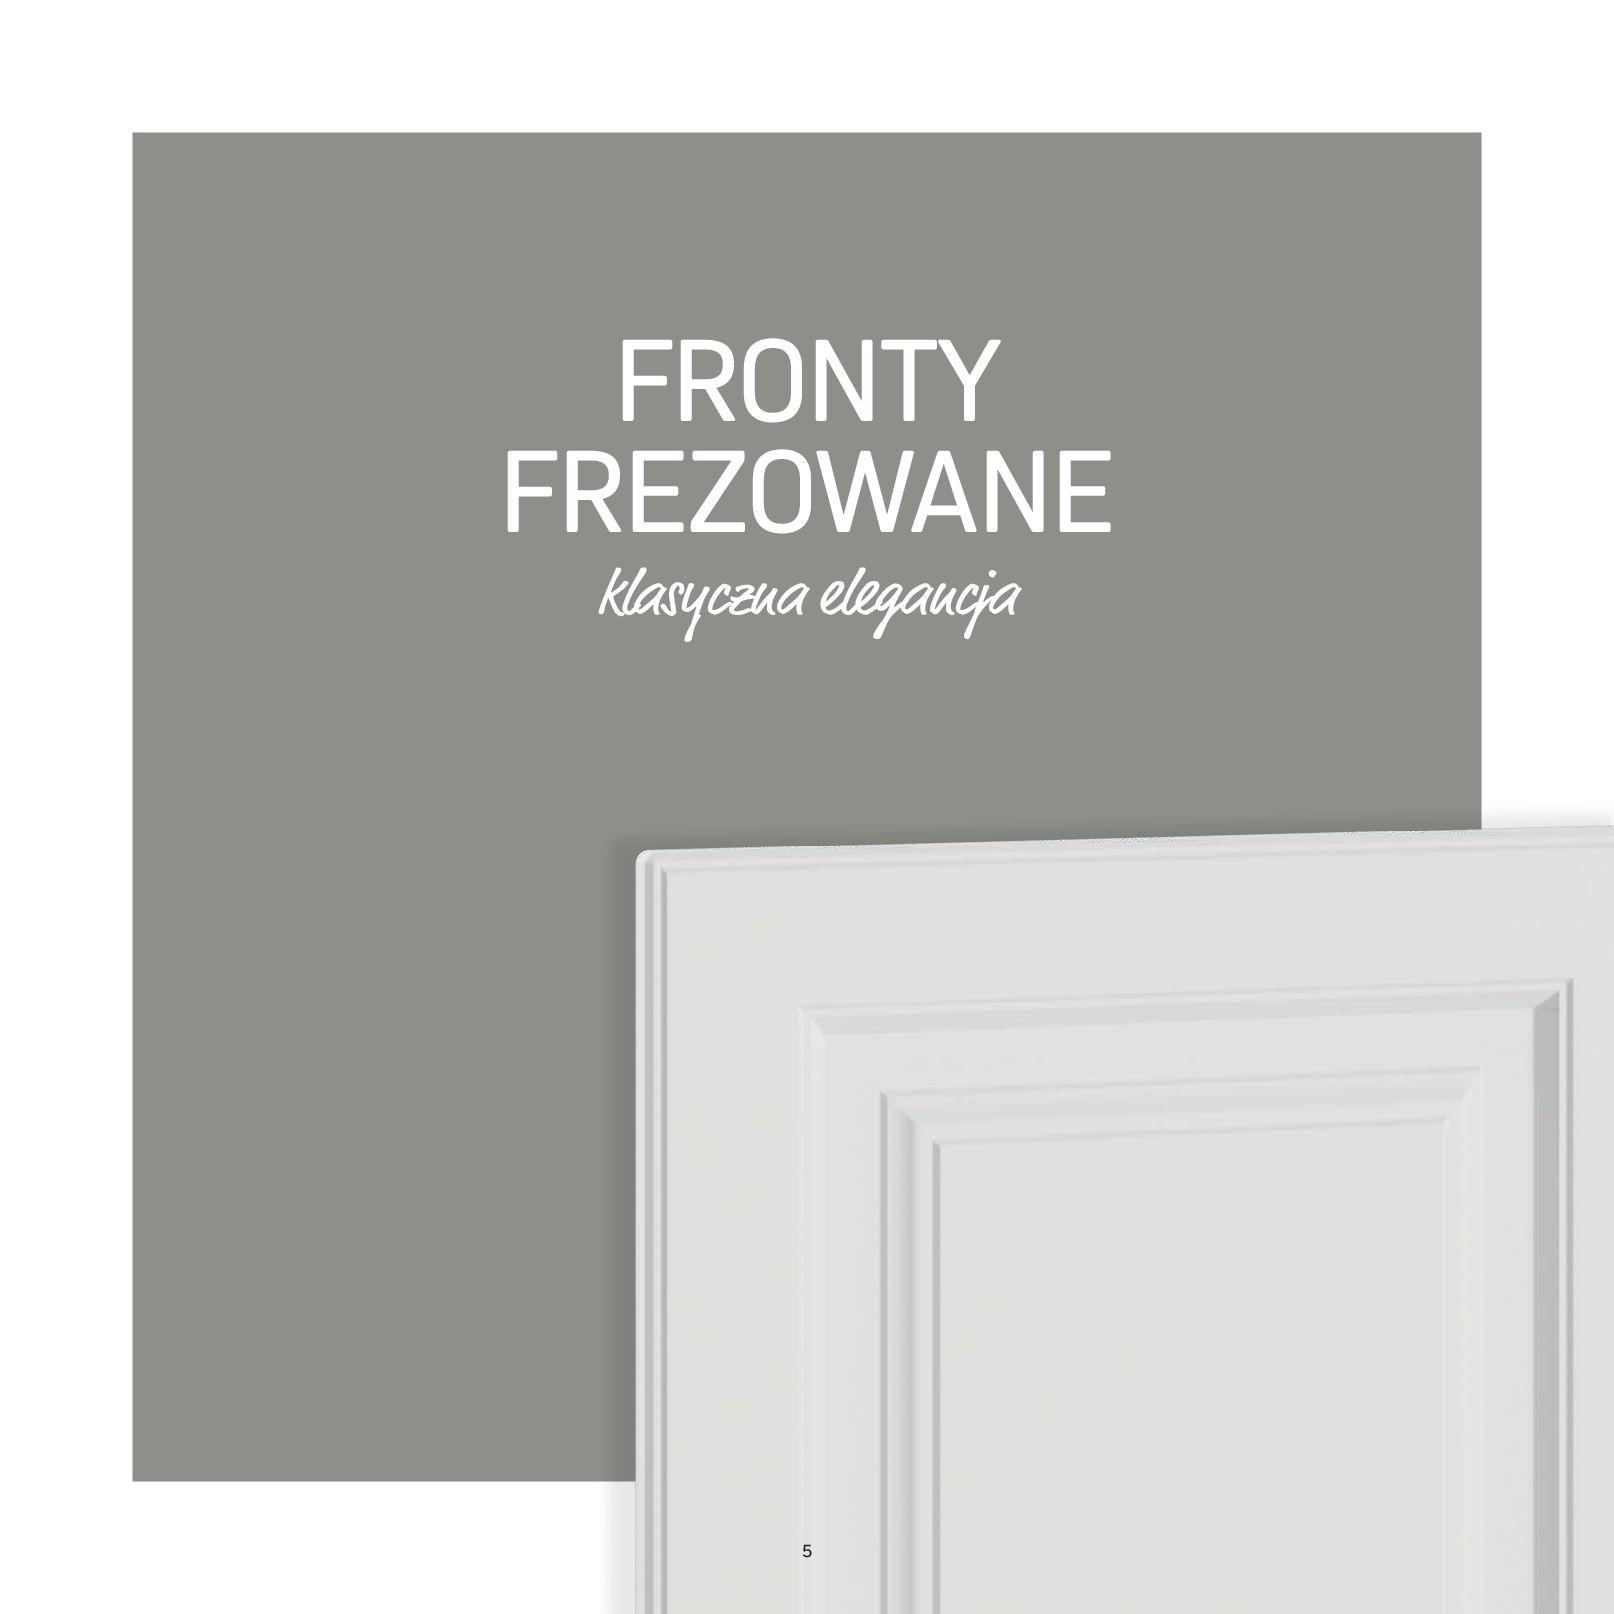 Gazetka Komfort: Gazetka Komfort - Katalog Kuchnie 2021 2021-06-16 page-7